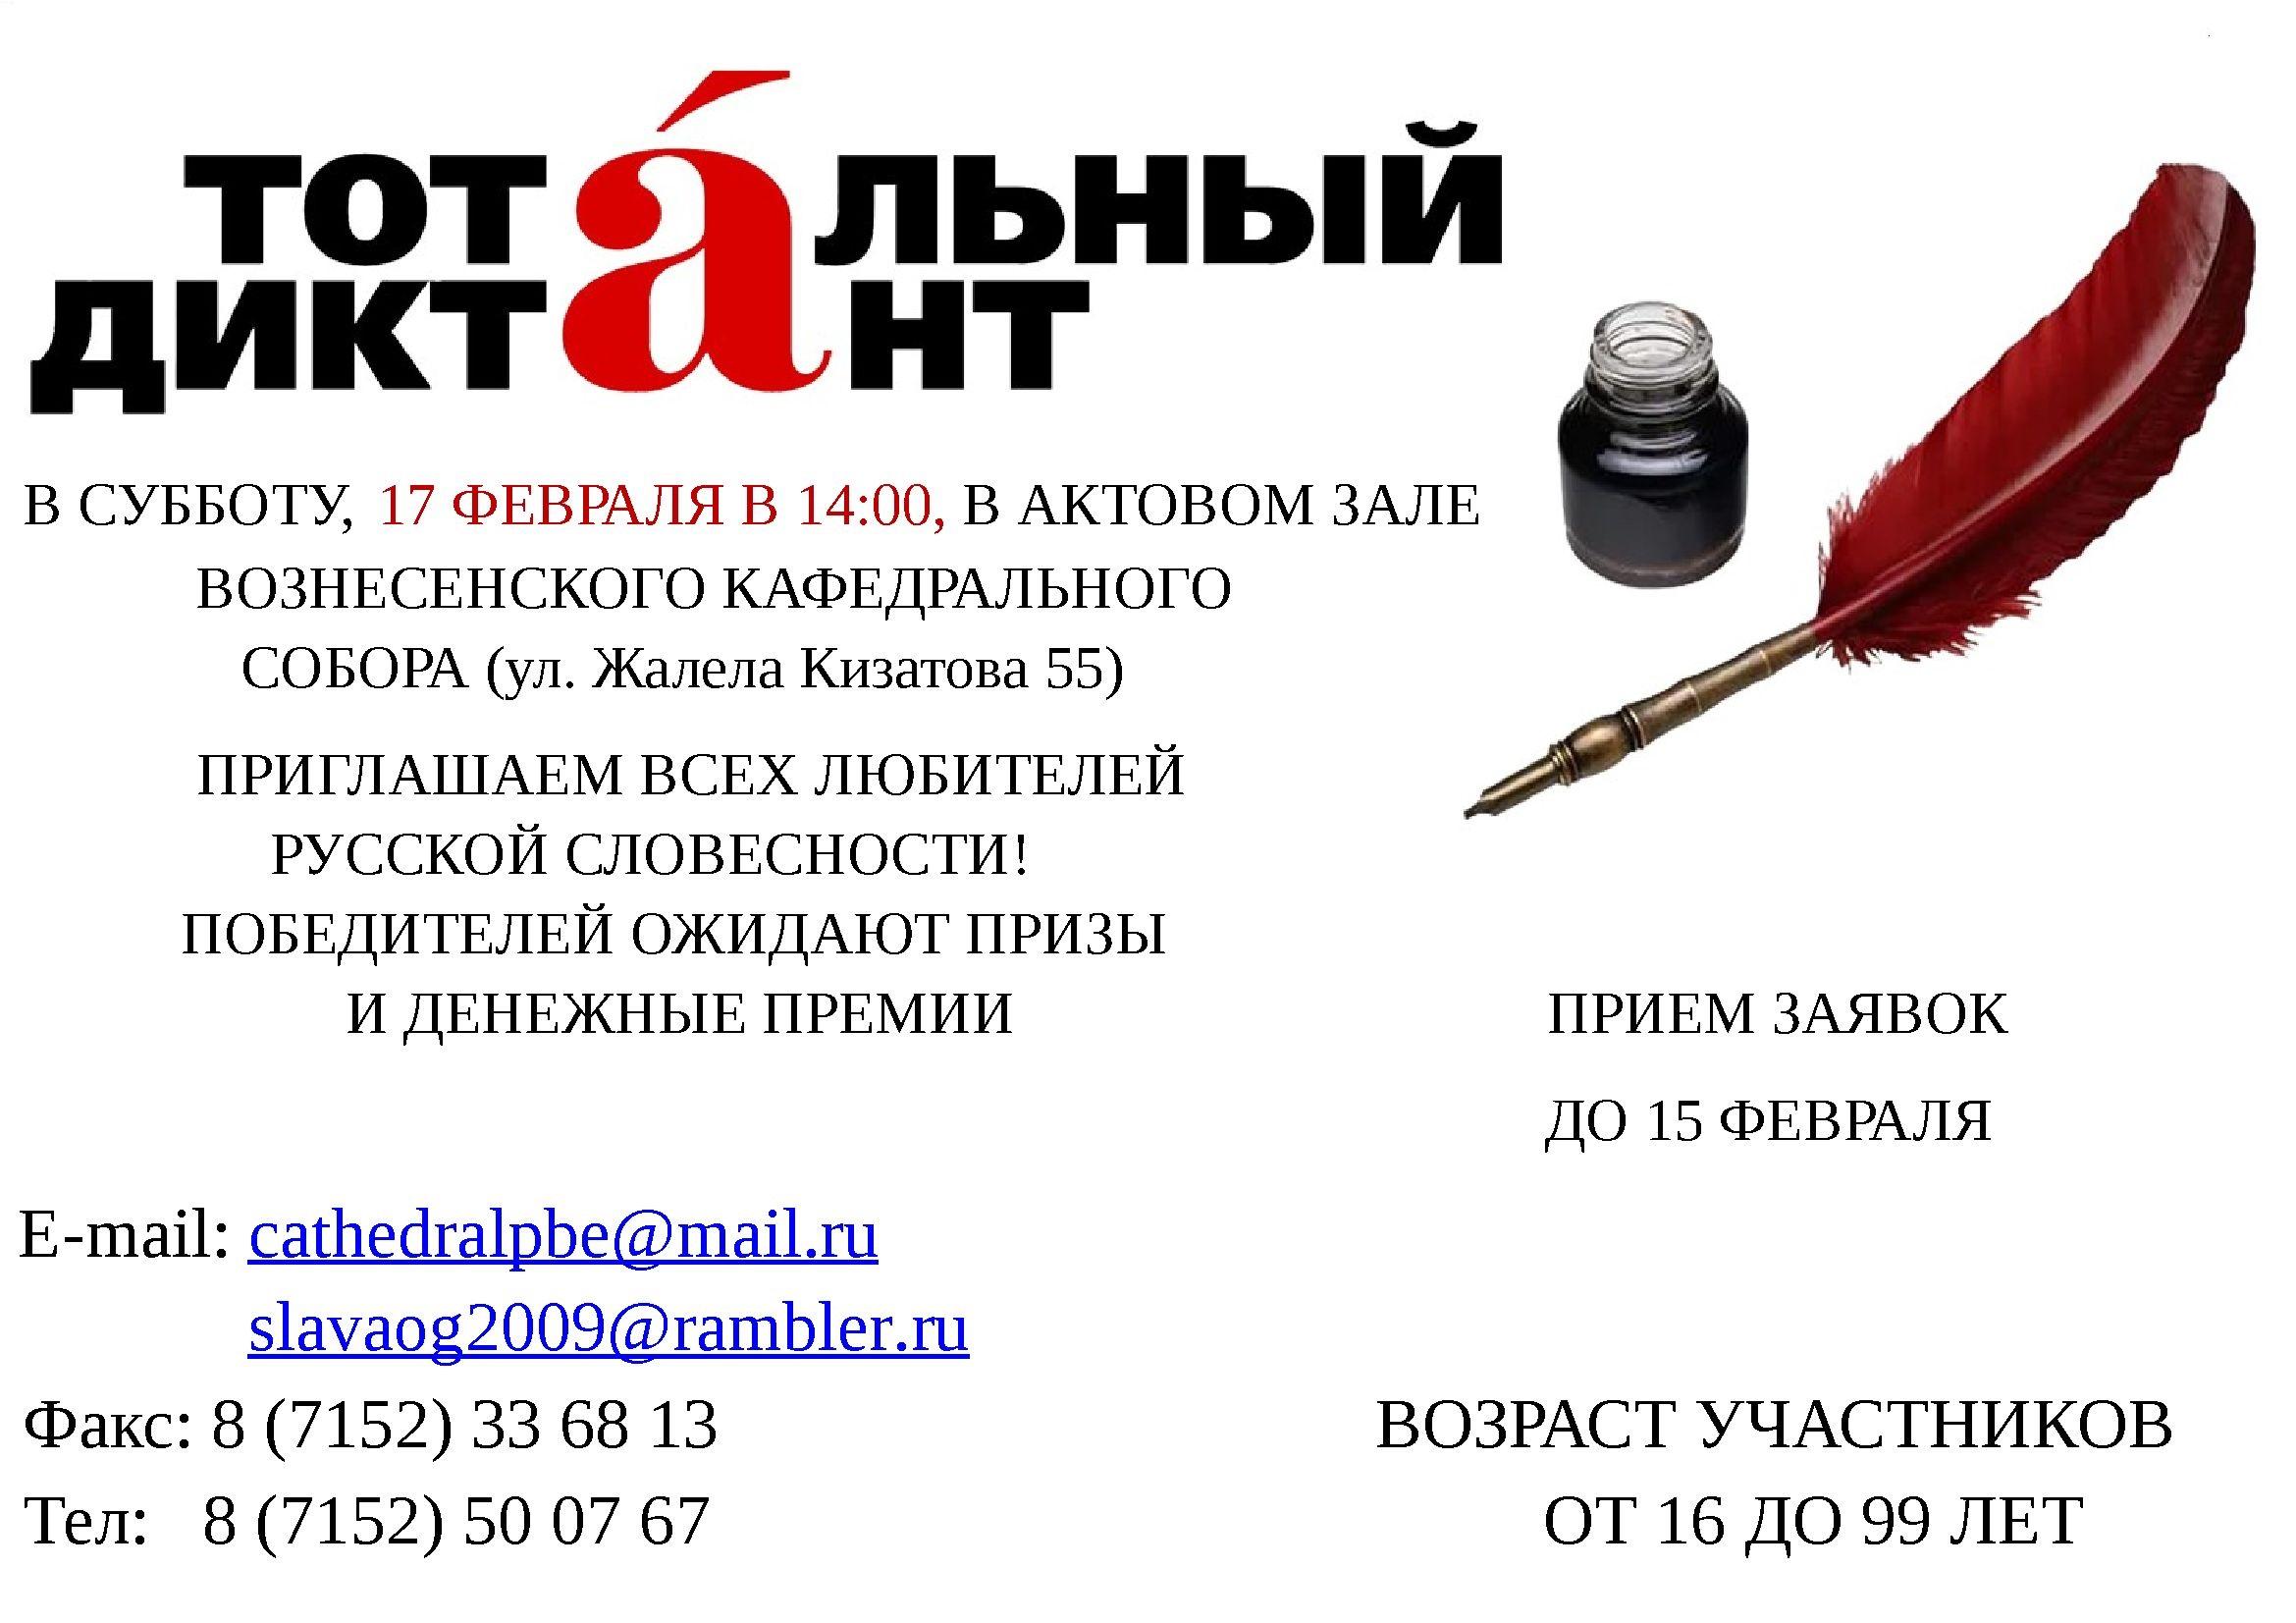 Объявление «Тотальный диктант»